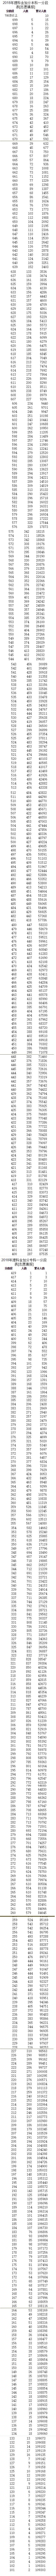 重庆2018年高考成绩总分一分一段表!